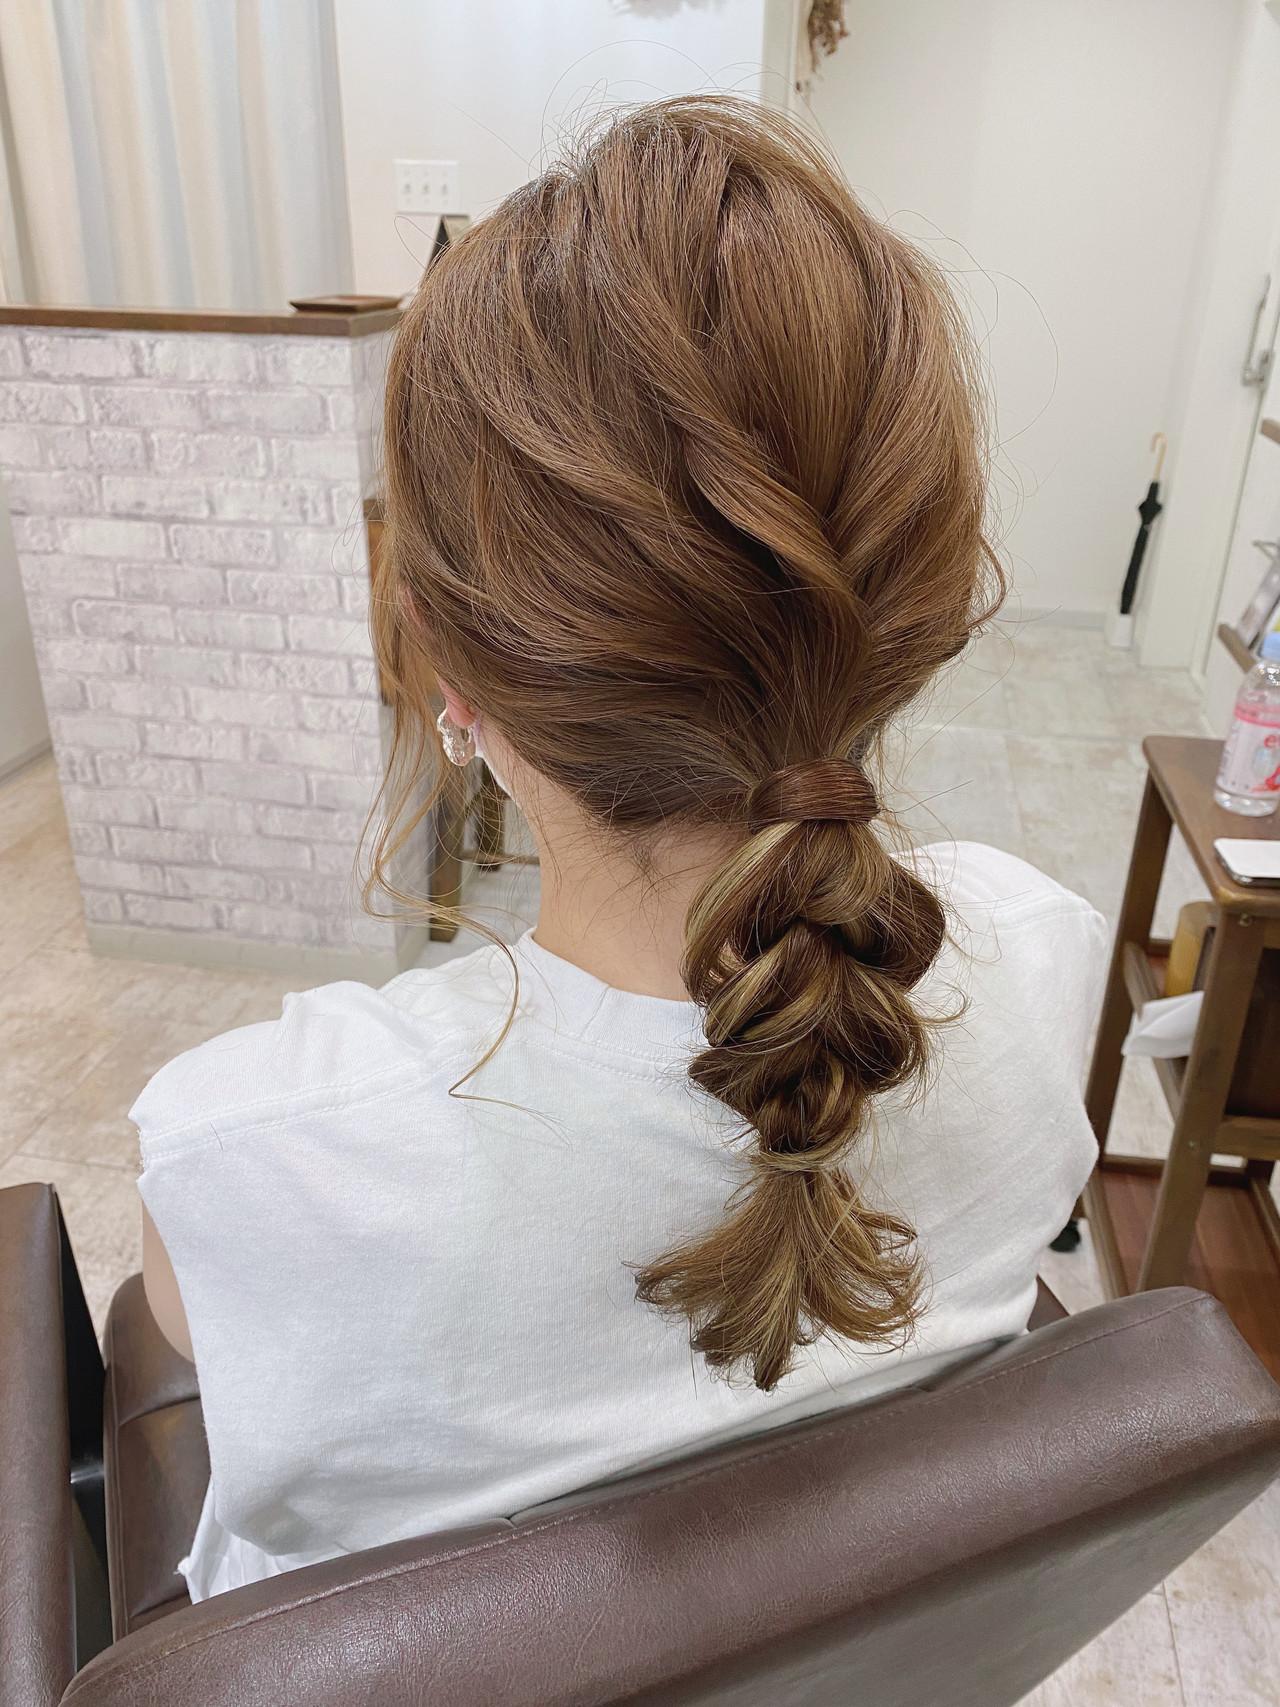 ヘアアレンジ ガーリー セミロング インナーカラー ヘアスタイルや髪型の写真・画像